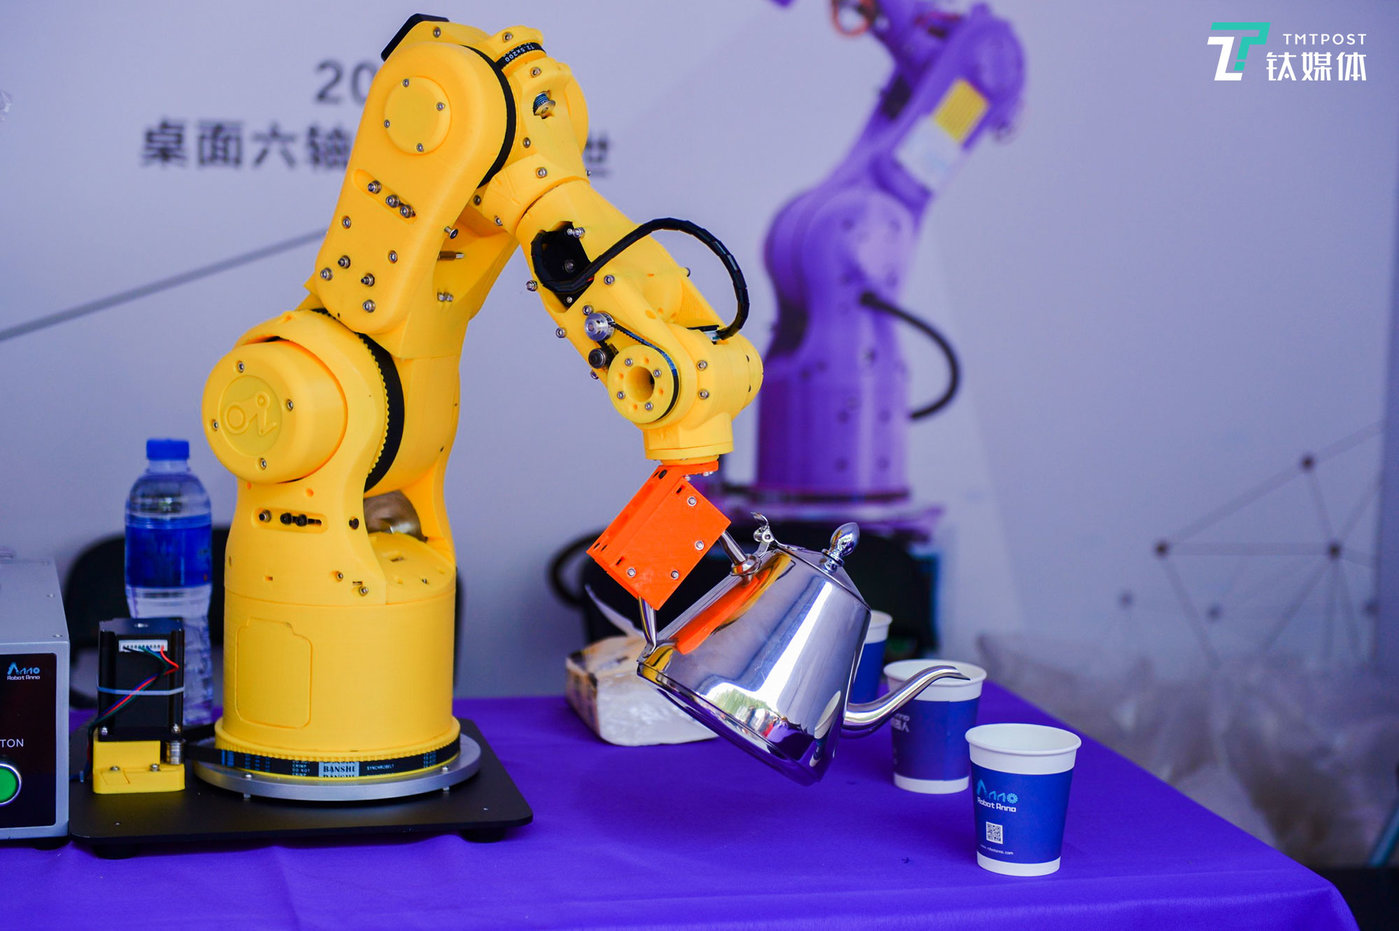 桌面六轴机器人能为我们生活带来怎样的便利?不妨看看照片中演示的这个场景。